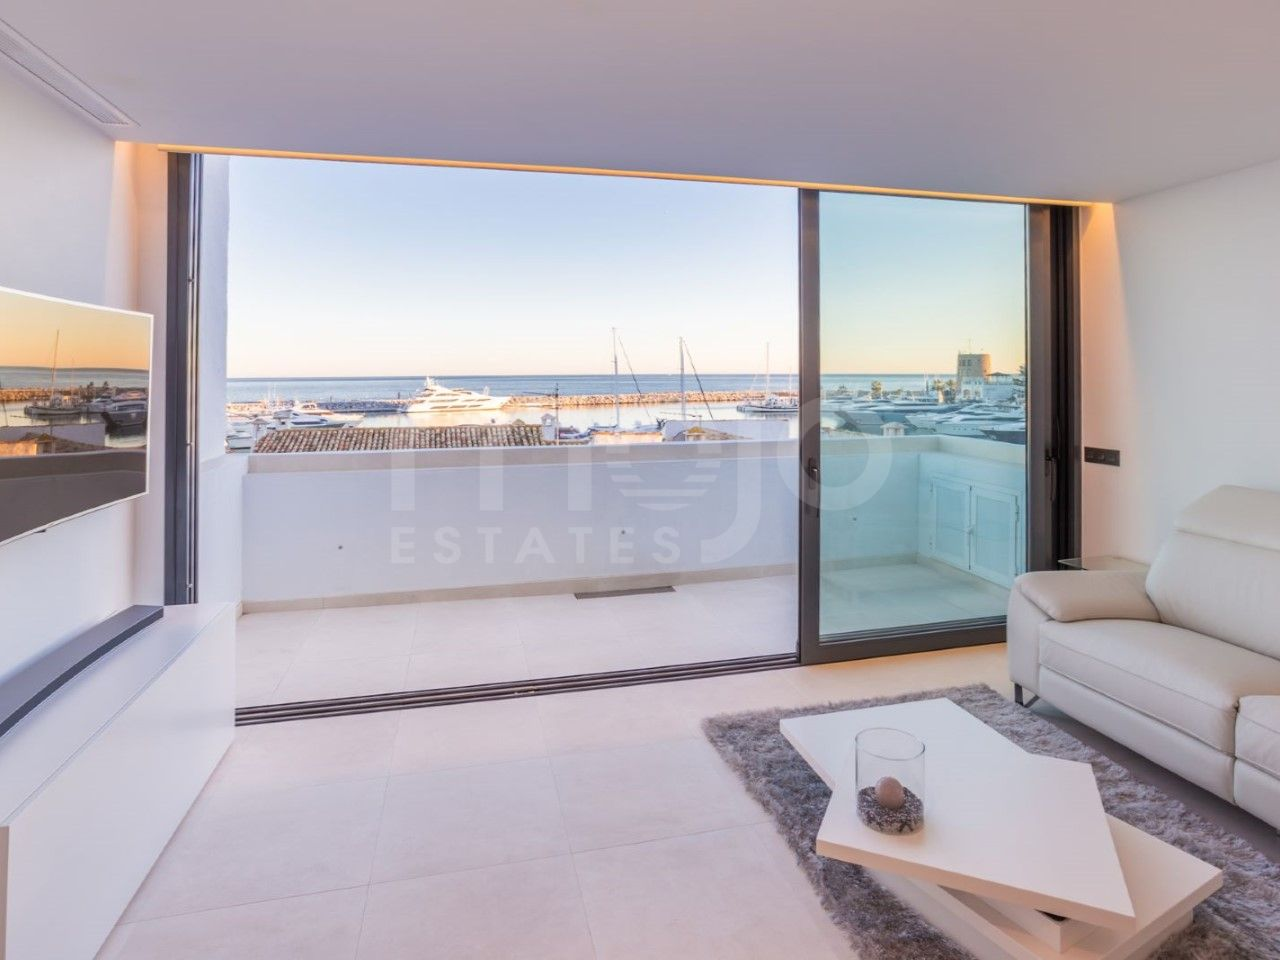 Tvåvånings takvåning till salu i Marbella - Puerto Banus